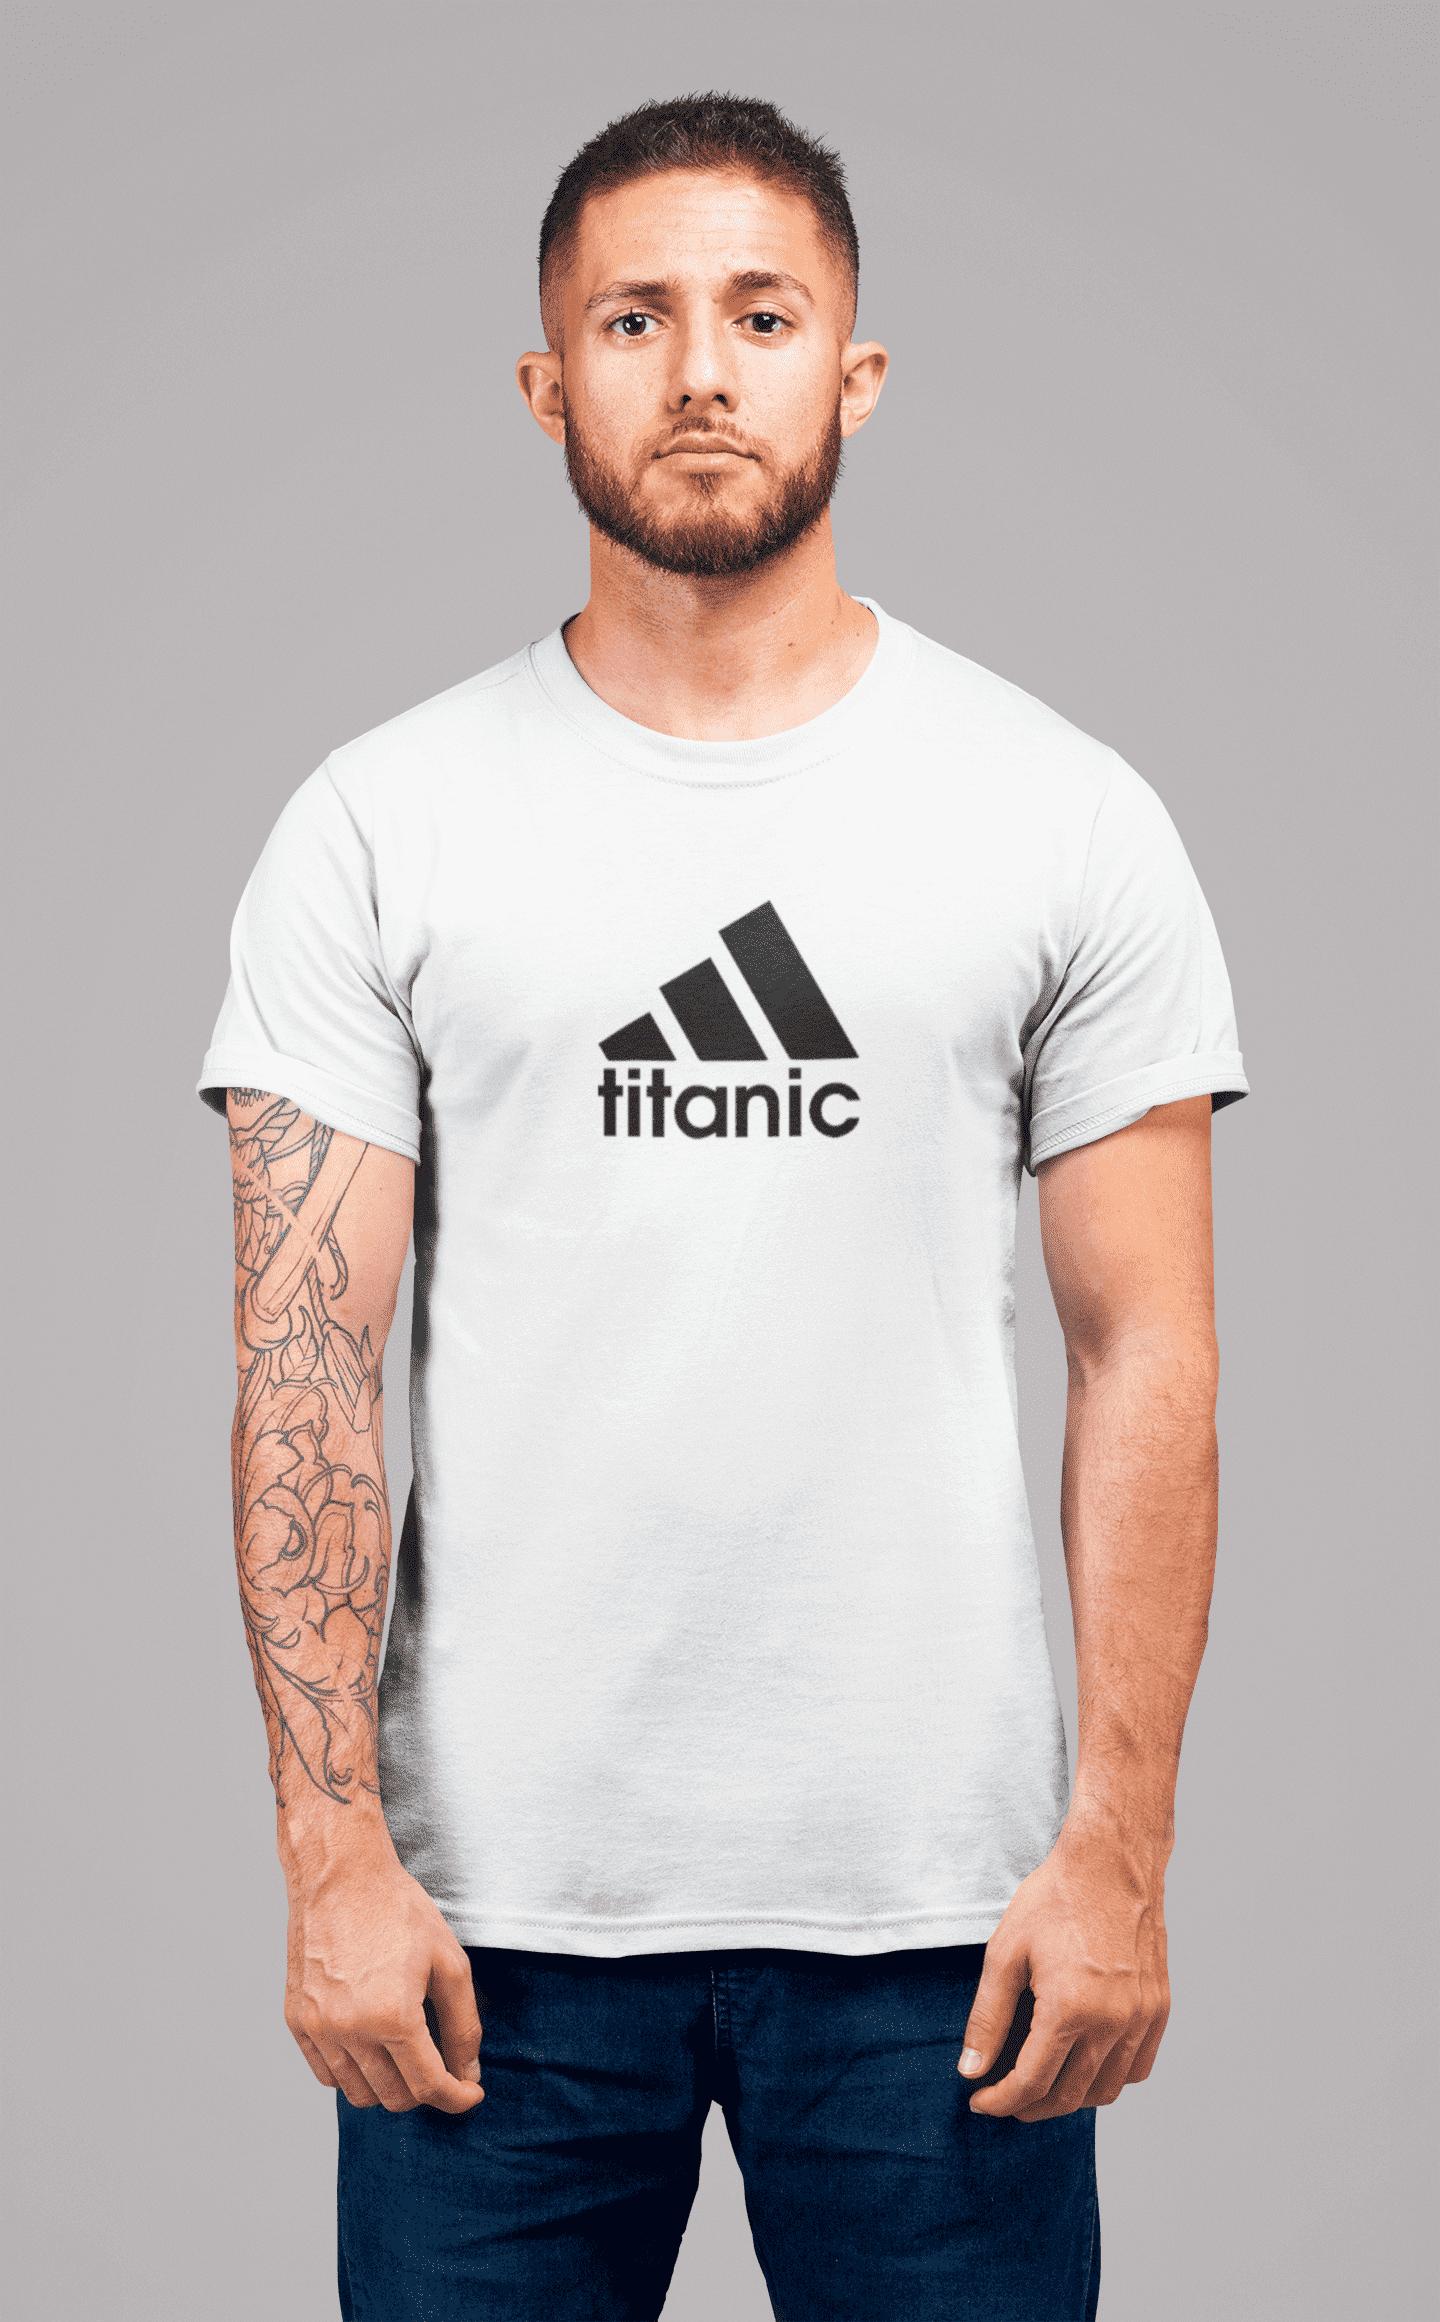 MMO Pánske tričko Titanic Vyberte farbu: Biela, Vyberte veľkosť: XL